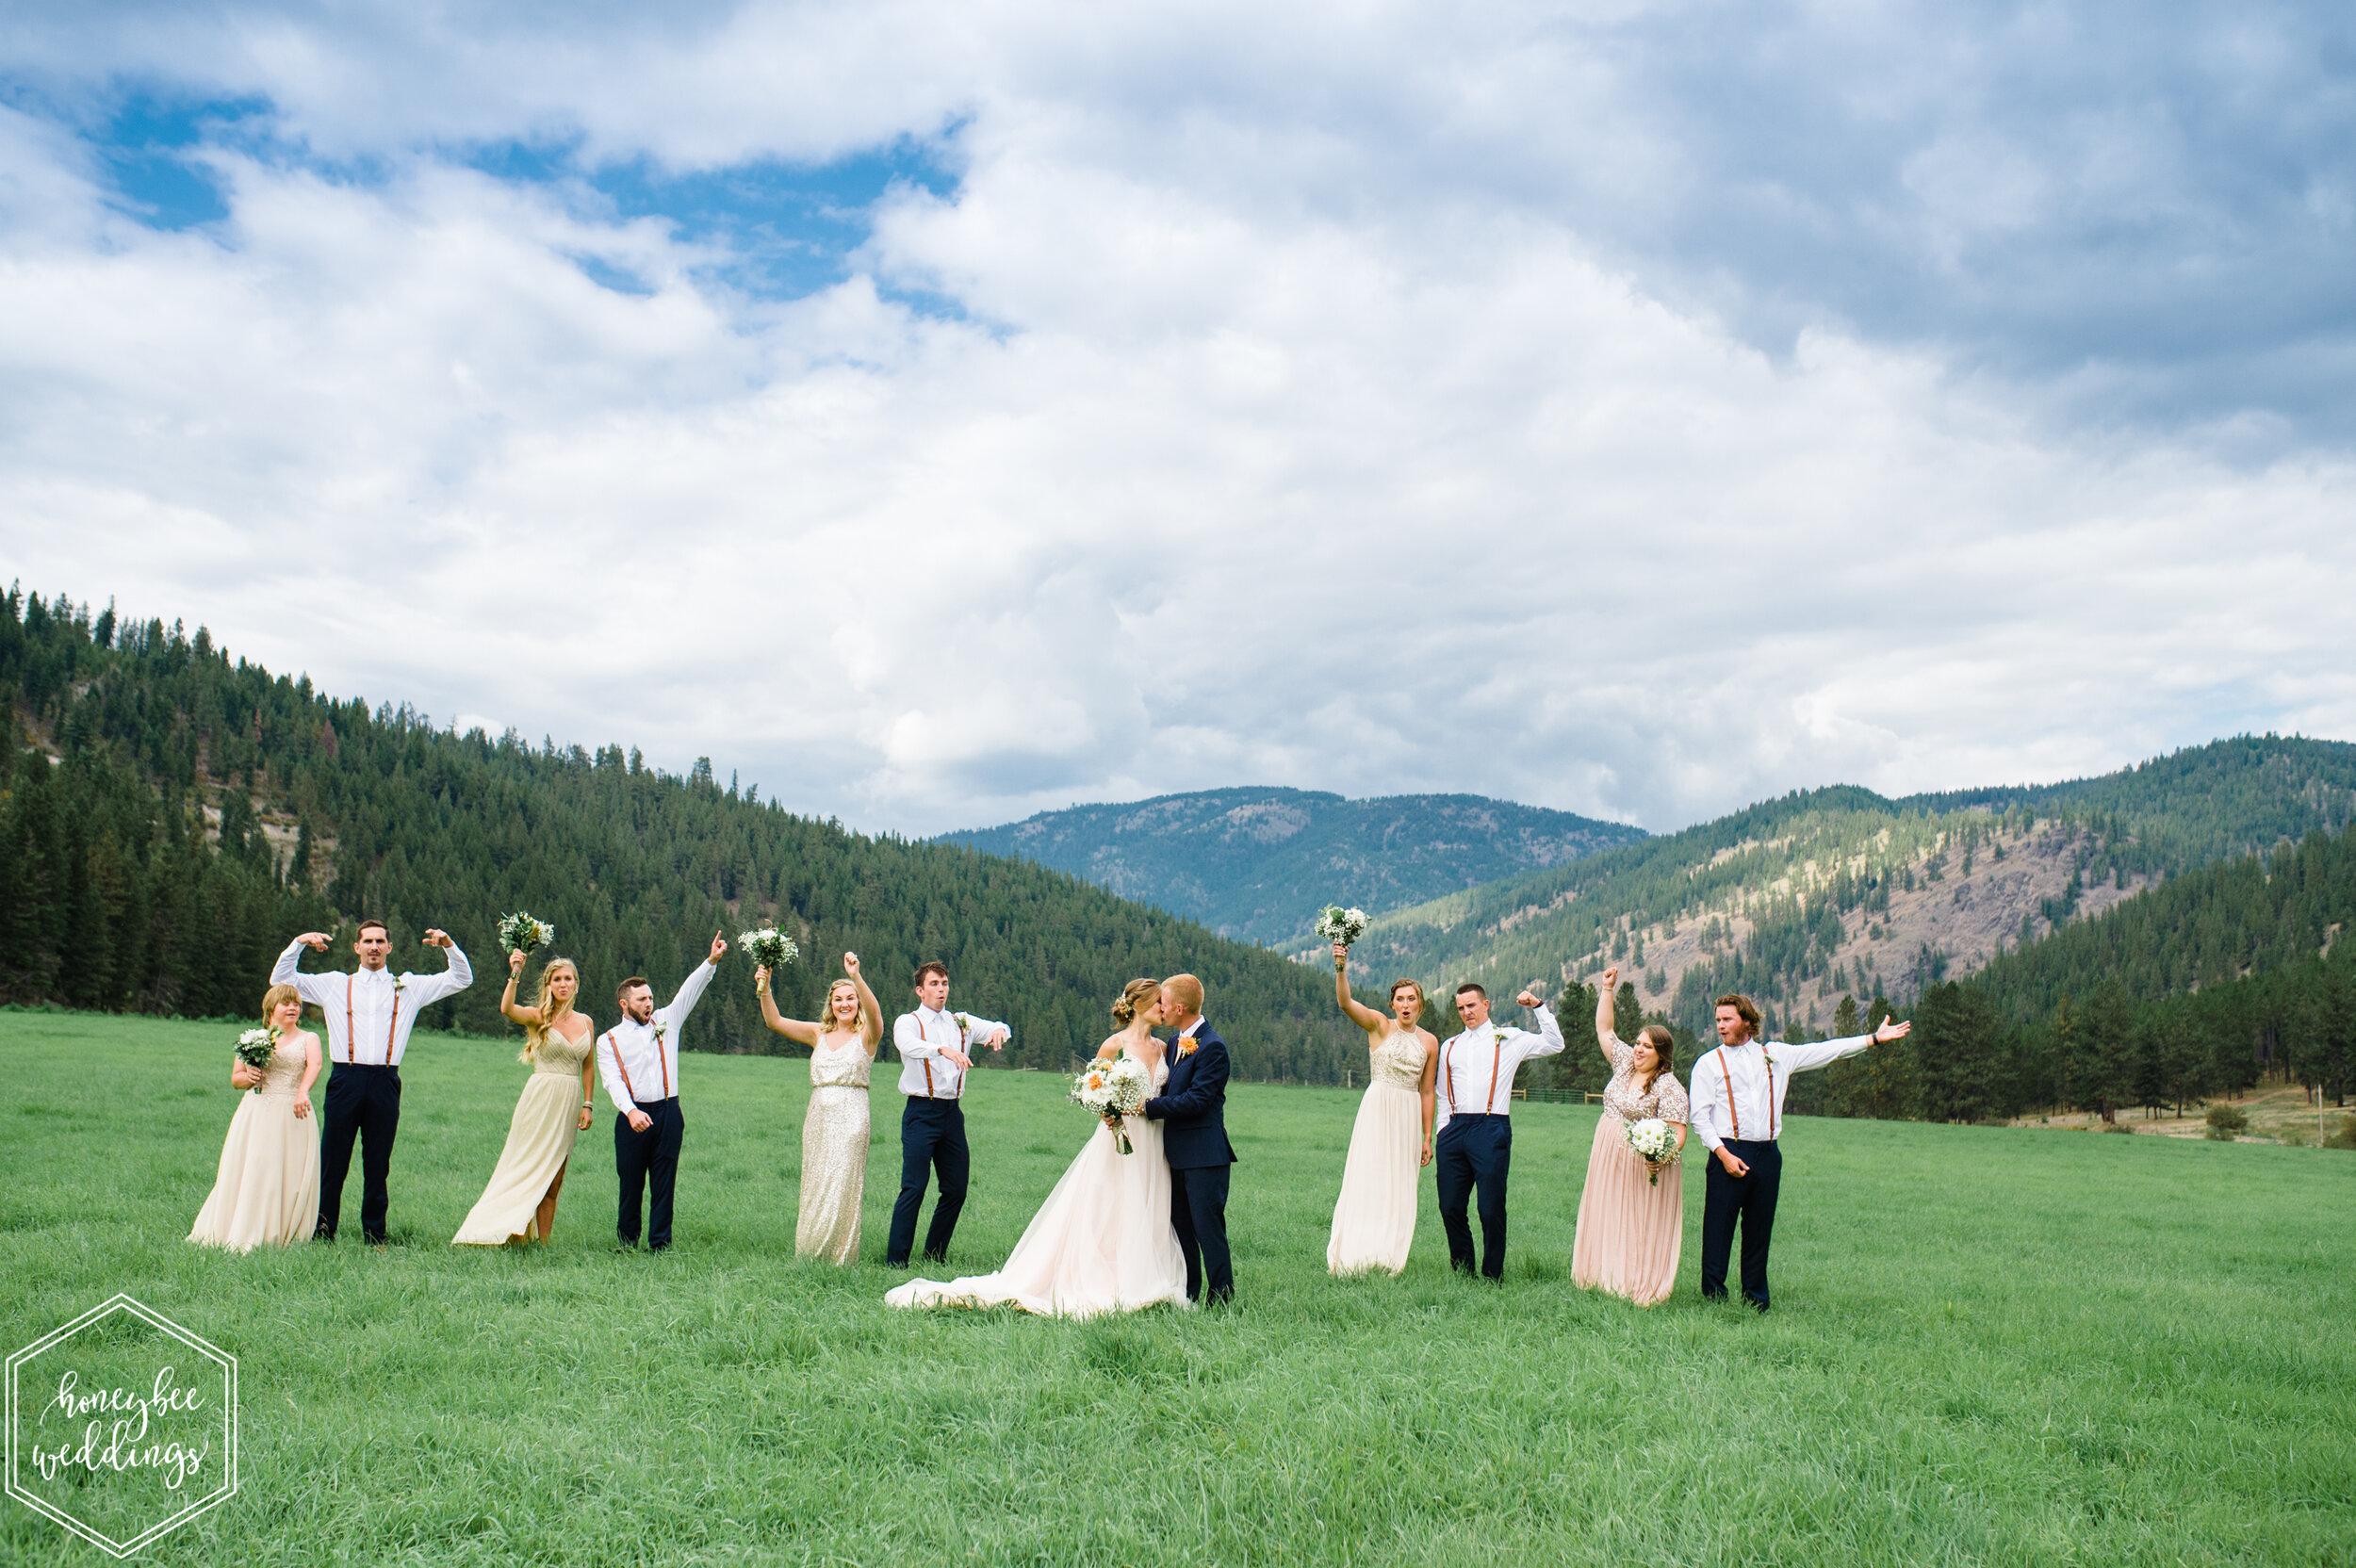 054Seven Mile Meadows Wedding_Montana Wedding Photographer_Jamie & Wes_Honeybee Weddings_September 07, 2019-1155.jpg